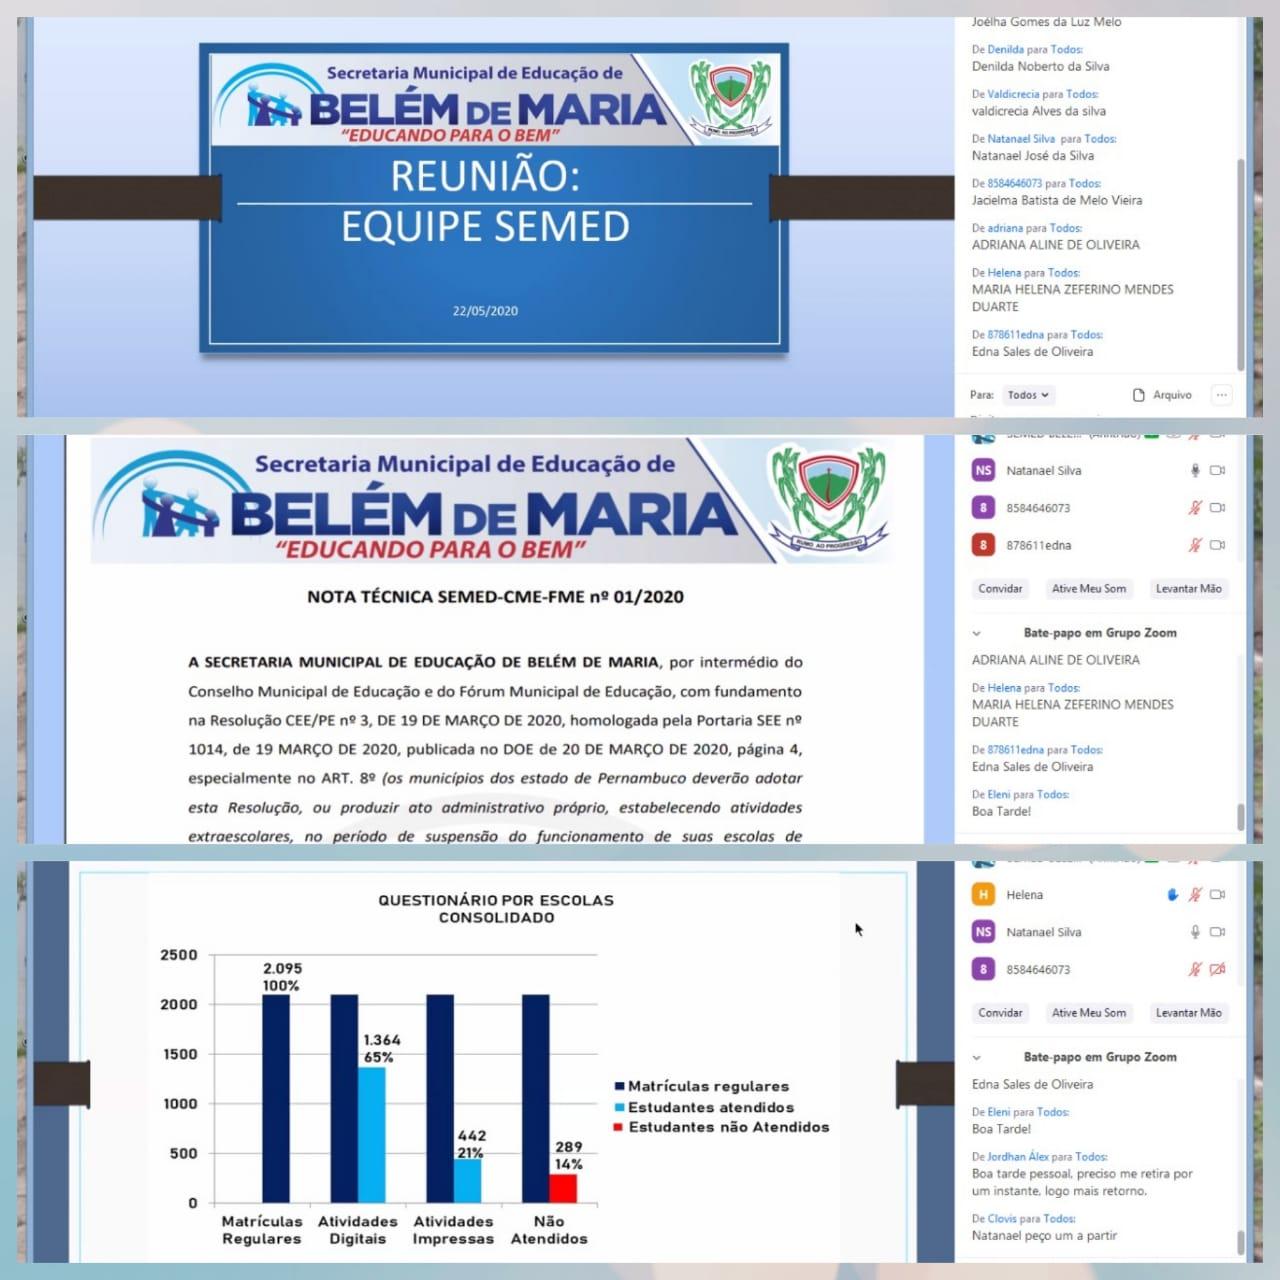 Semanalmente a Secretaria de Educação de Belém de Maria realiza web conferência com os gestores, coordenadores pedagógicos e secretários escolares